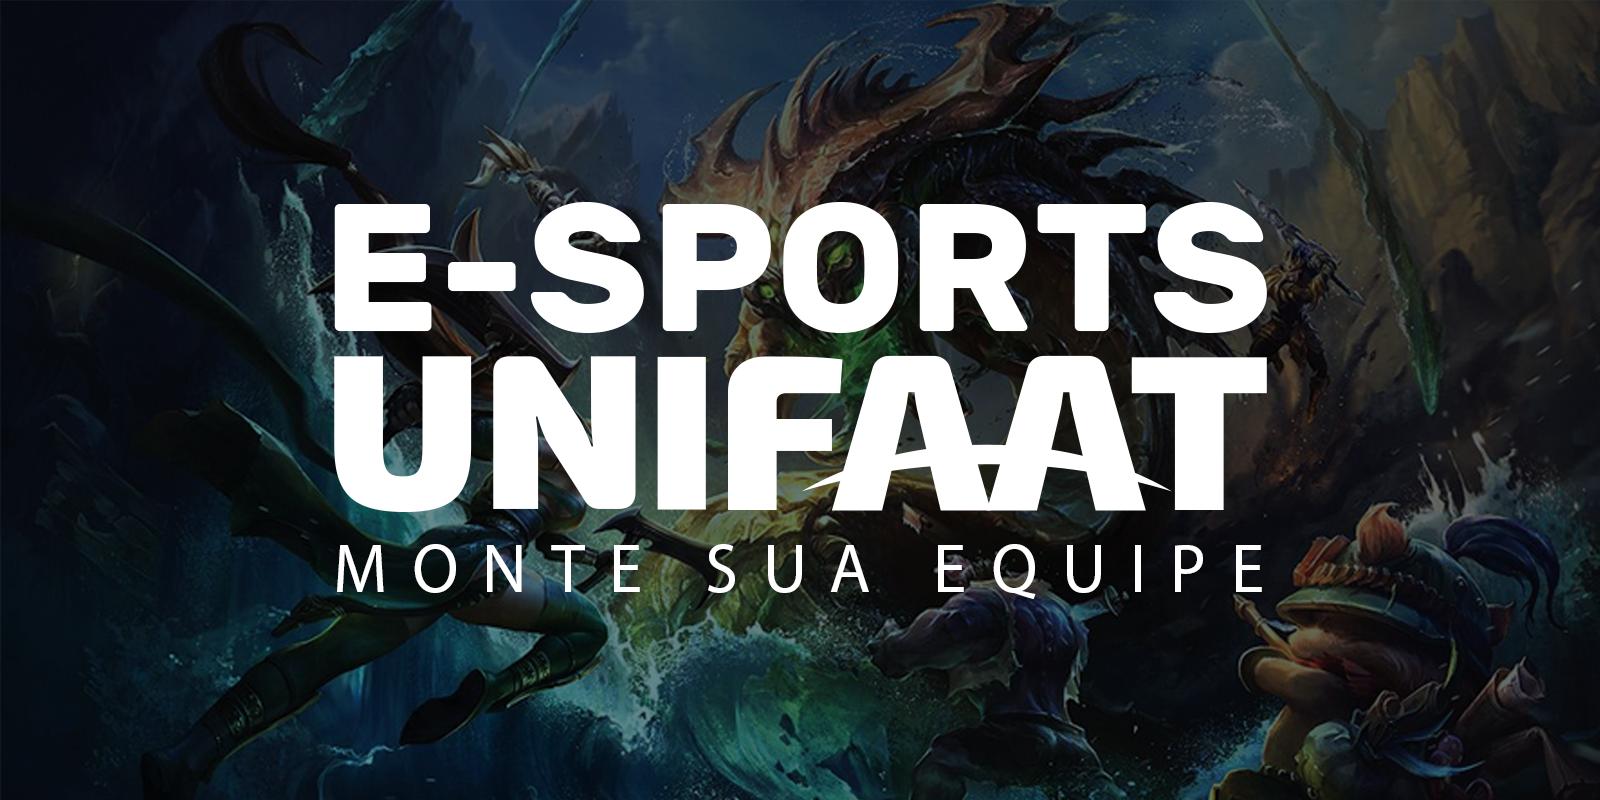 Estão abertas as inscrições para o E-Sports UNIFAAT